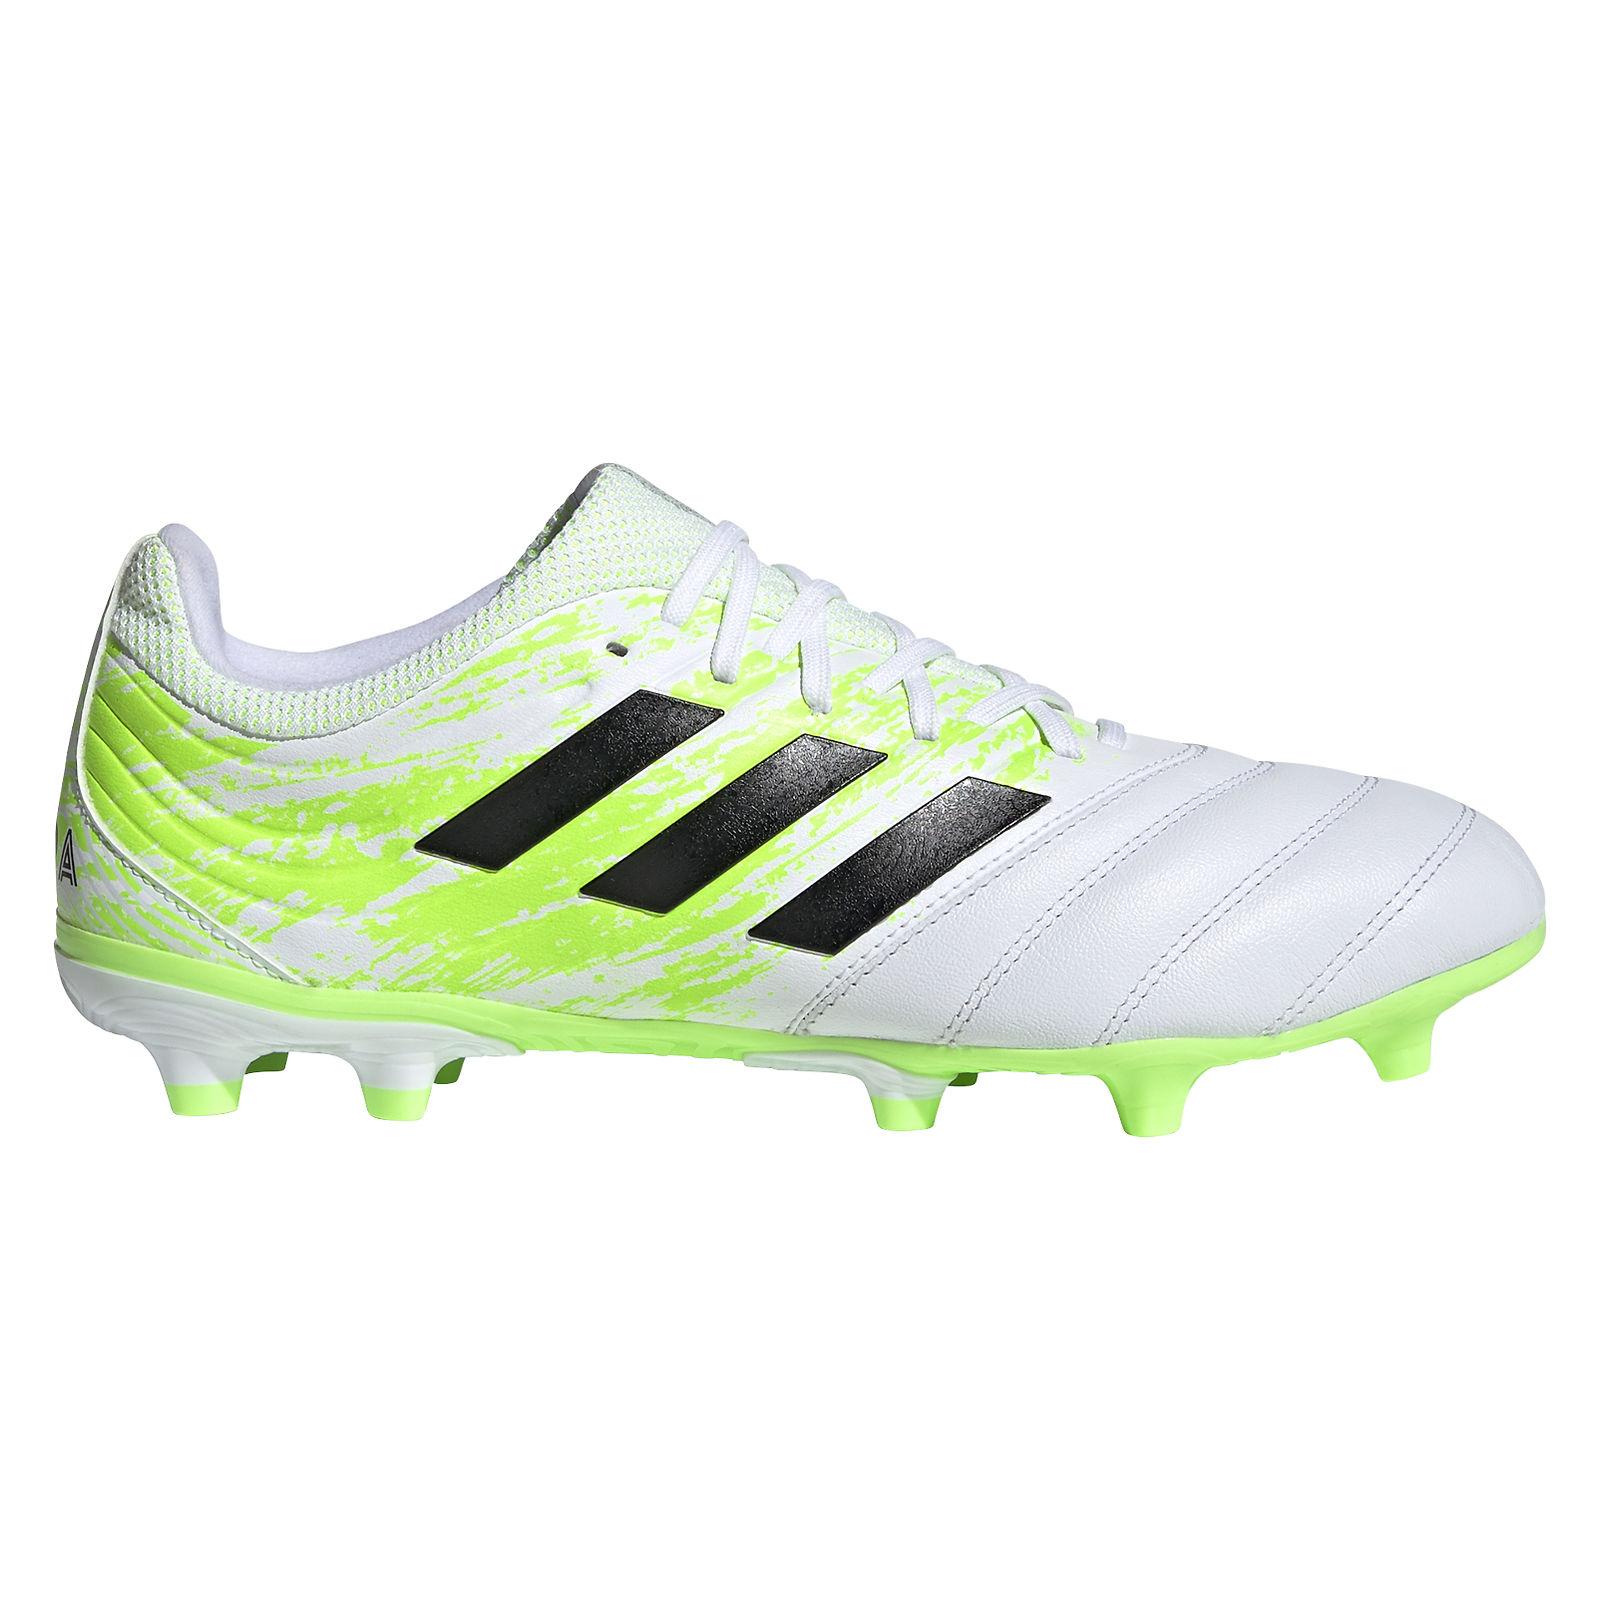 Buty piłkarskie korki adidas Copa 20.3 FG G28553